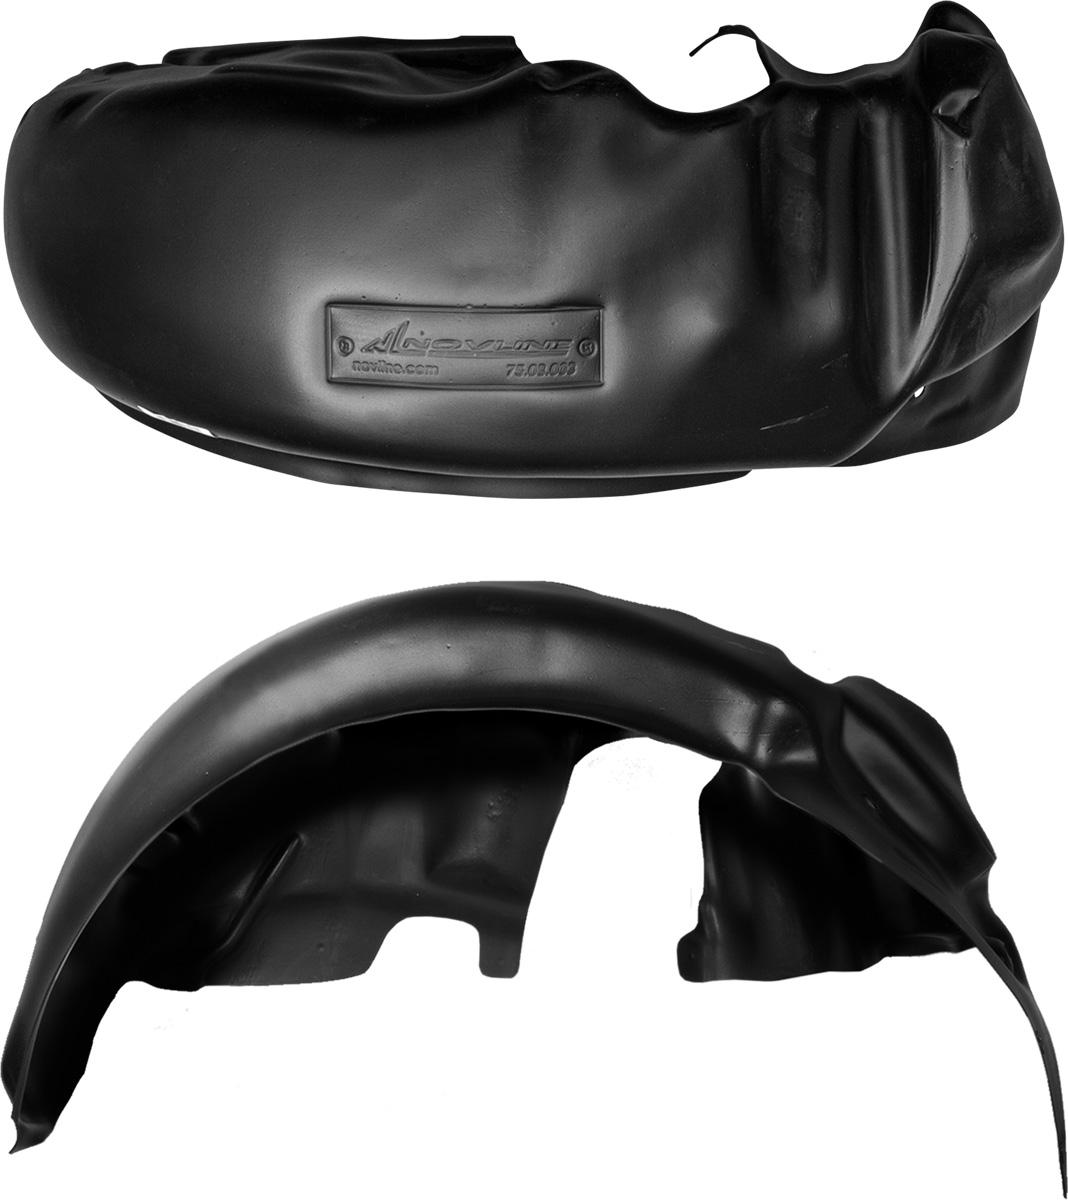 Подкрылок КIА RIO, 2011->, седан, задний правыйNLL.25.38.004Колесные ниши – одни из самых уязвимых зон днища вашего автомобиля. Они постоянно подвергаются воздействию со стороны дороги. Лучшая, почти абсолютная защита для них - специально отформованные пластиковые кожухи, которые называются подкрылками, или локерами. Производятся они как для отечественных моделей автомобилей, так и для иномарок. Подкрылки выполнены из высококачественного, экологически чистого пластика. Обеспечивают надежную защиту кузова автомобиля от пескоструйного эффекта и негативного влияния, агрессивных антигололедных реагентов. Пластик обладает более низкой теплопроводностью, чем металл, поэтому в зимний период эксплуатации использование пластиковых подкрылков позволяет лучше защитить колесные ниши от налипания снега и образования наледи. Оригинальность конструкции подчеркивает элегантность автомобиля, бережно защищает нанесенное на днище кузова антикоррозийное покрытие и позволяет осуществить крепление подкрылков внутри колесной арки практически без дополнительного...